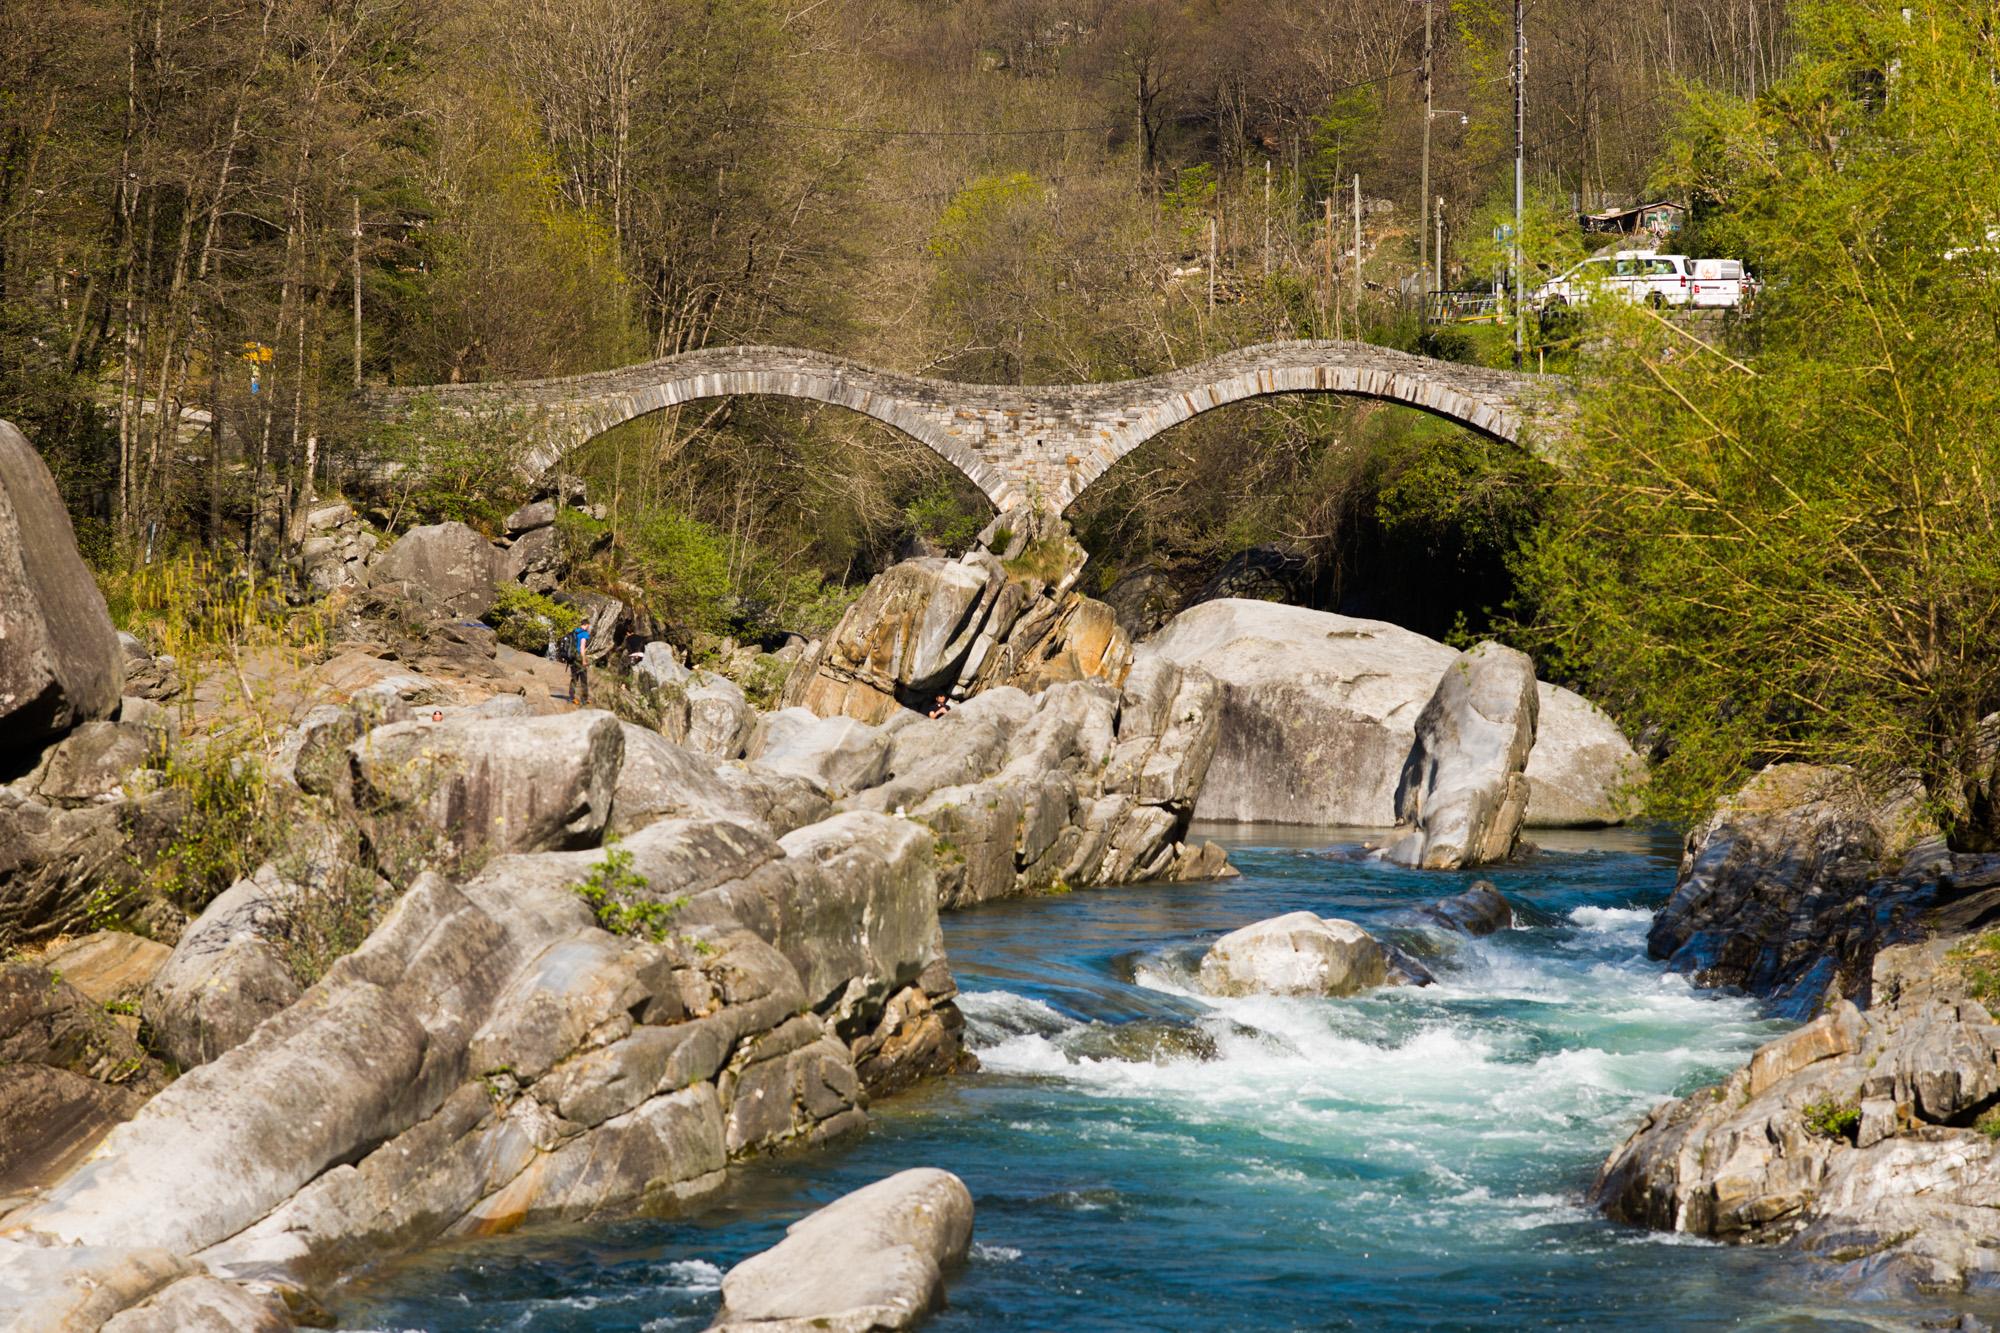 The 400 year old Ponte dei Salti stone bridge over the green Verzasca River